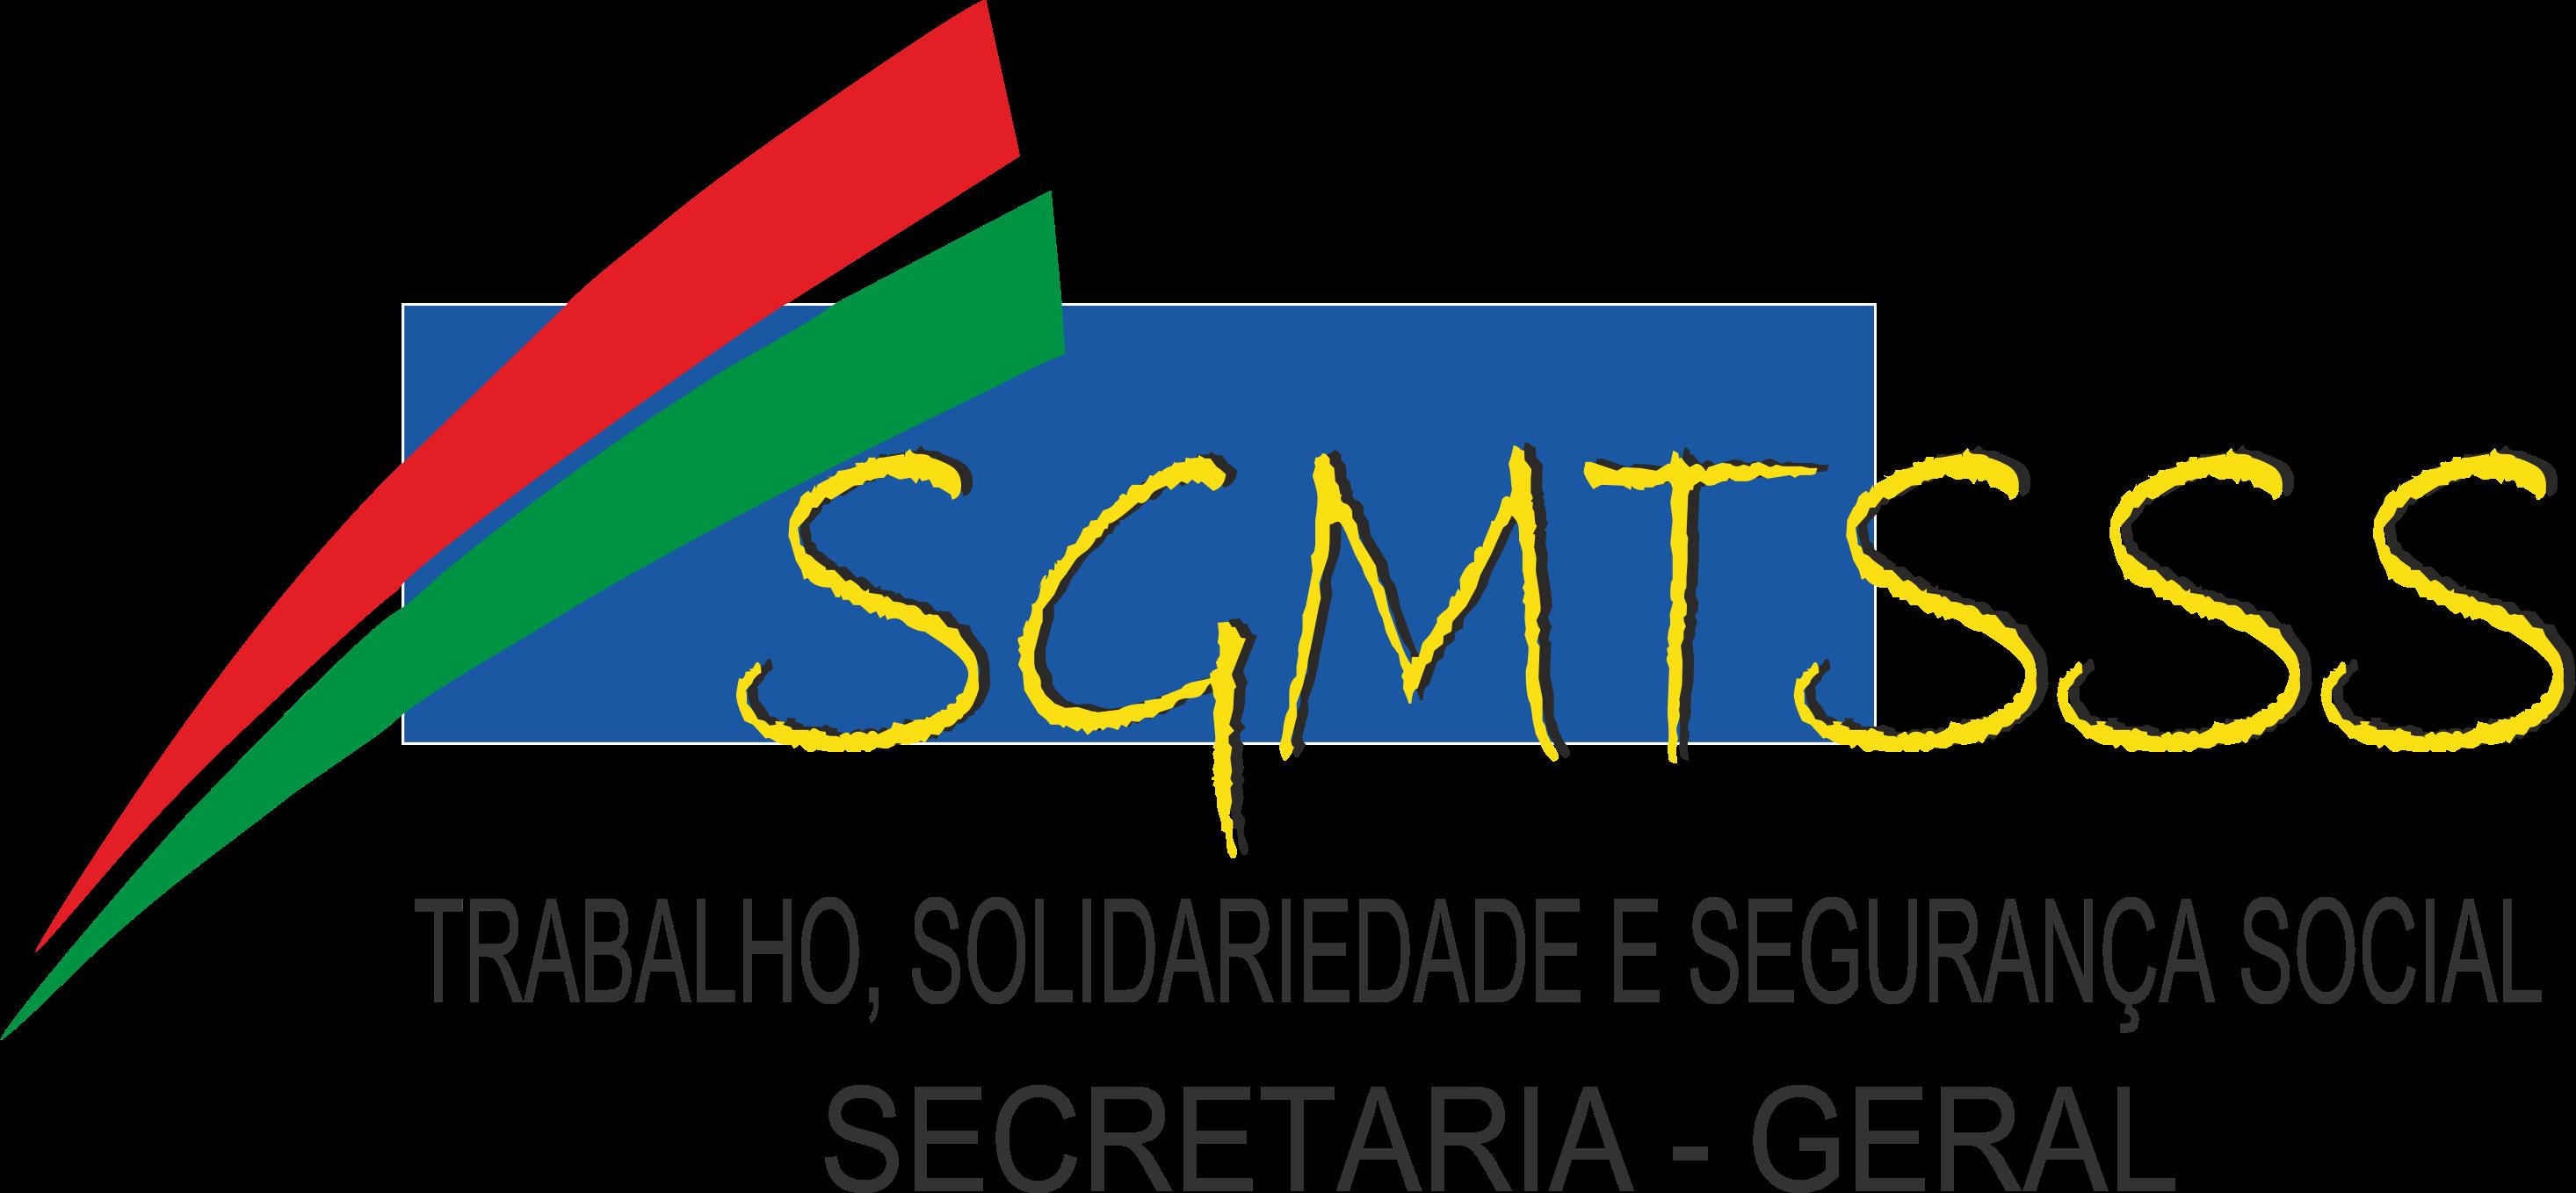 Logotipo Secretaria-Geral do Ministério do Trabalho, Solidariedade e Segurança Social